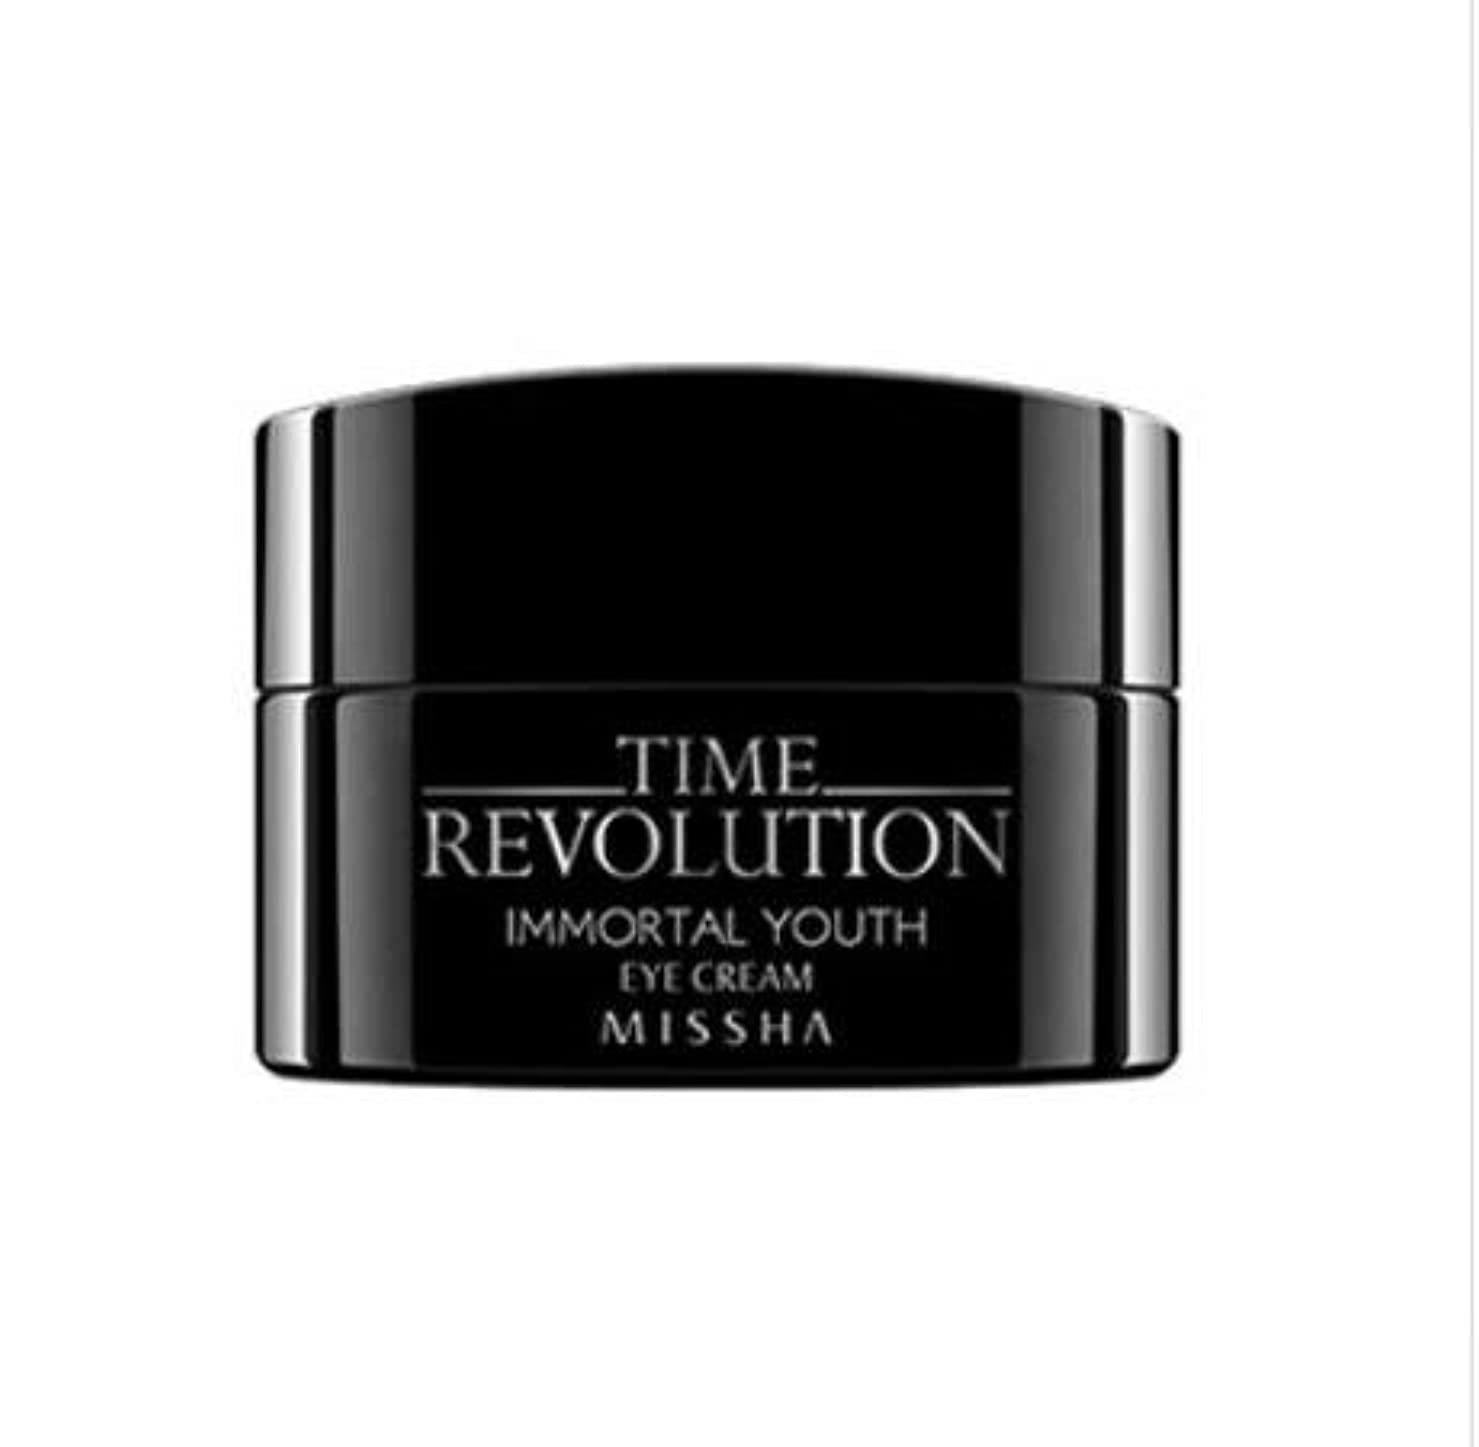 成功する砂の出血[ミシャ] Missha [タイムレボリューション イモタルユース アイクリーム](MISSHA Time Revolution Immortal Youth Eye Cream) [並行輸入品]